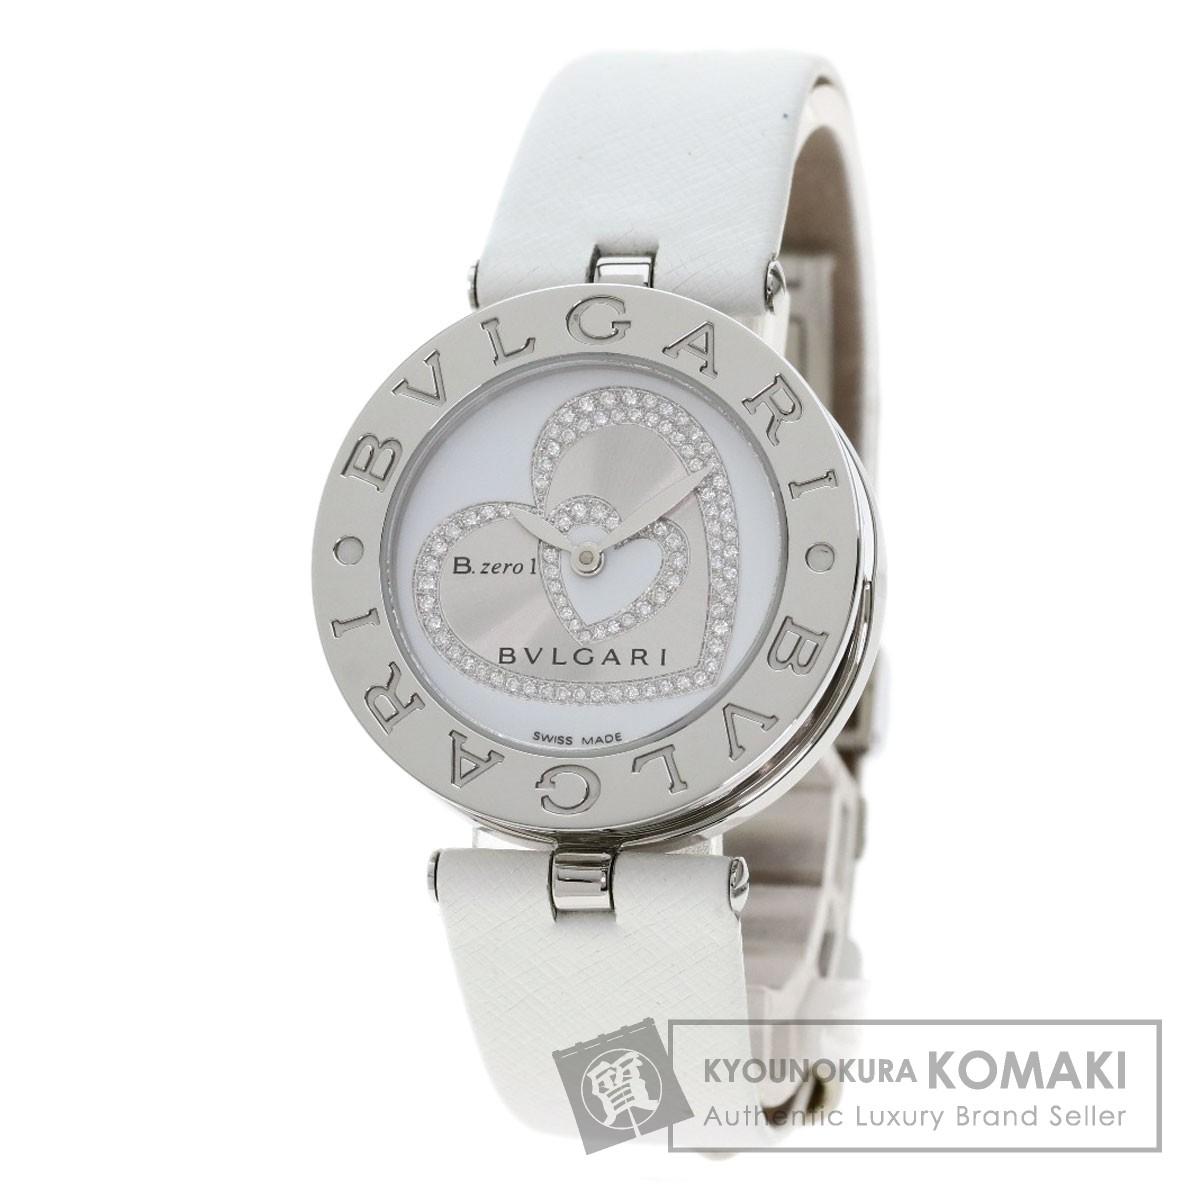 ブルガリ BZ30S B-zero1 ダイヤモンド ハート 腕時計 ステンレススチール/革 レディース 【中古】【BVLGARI】